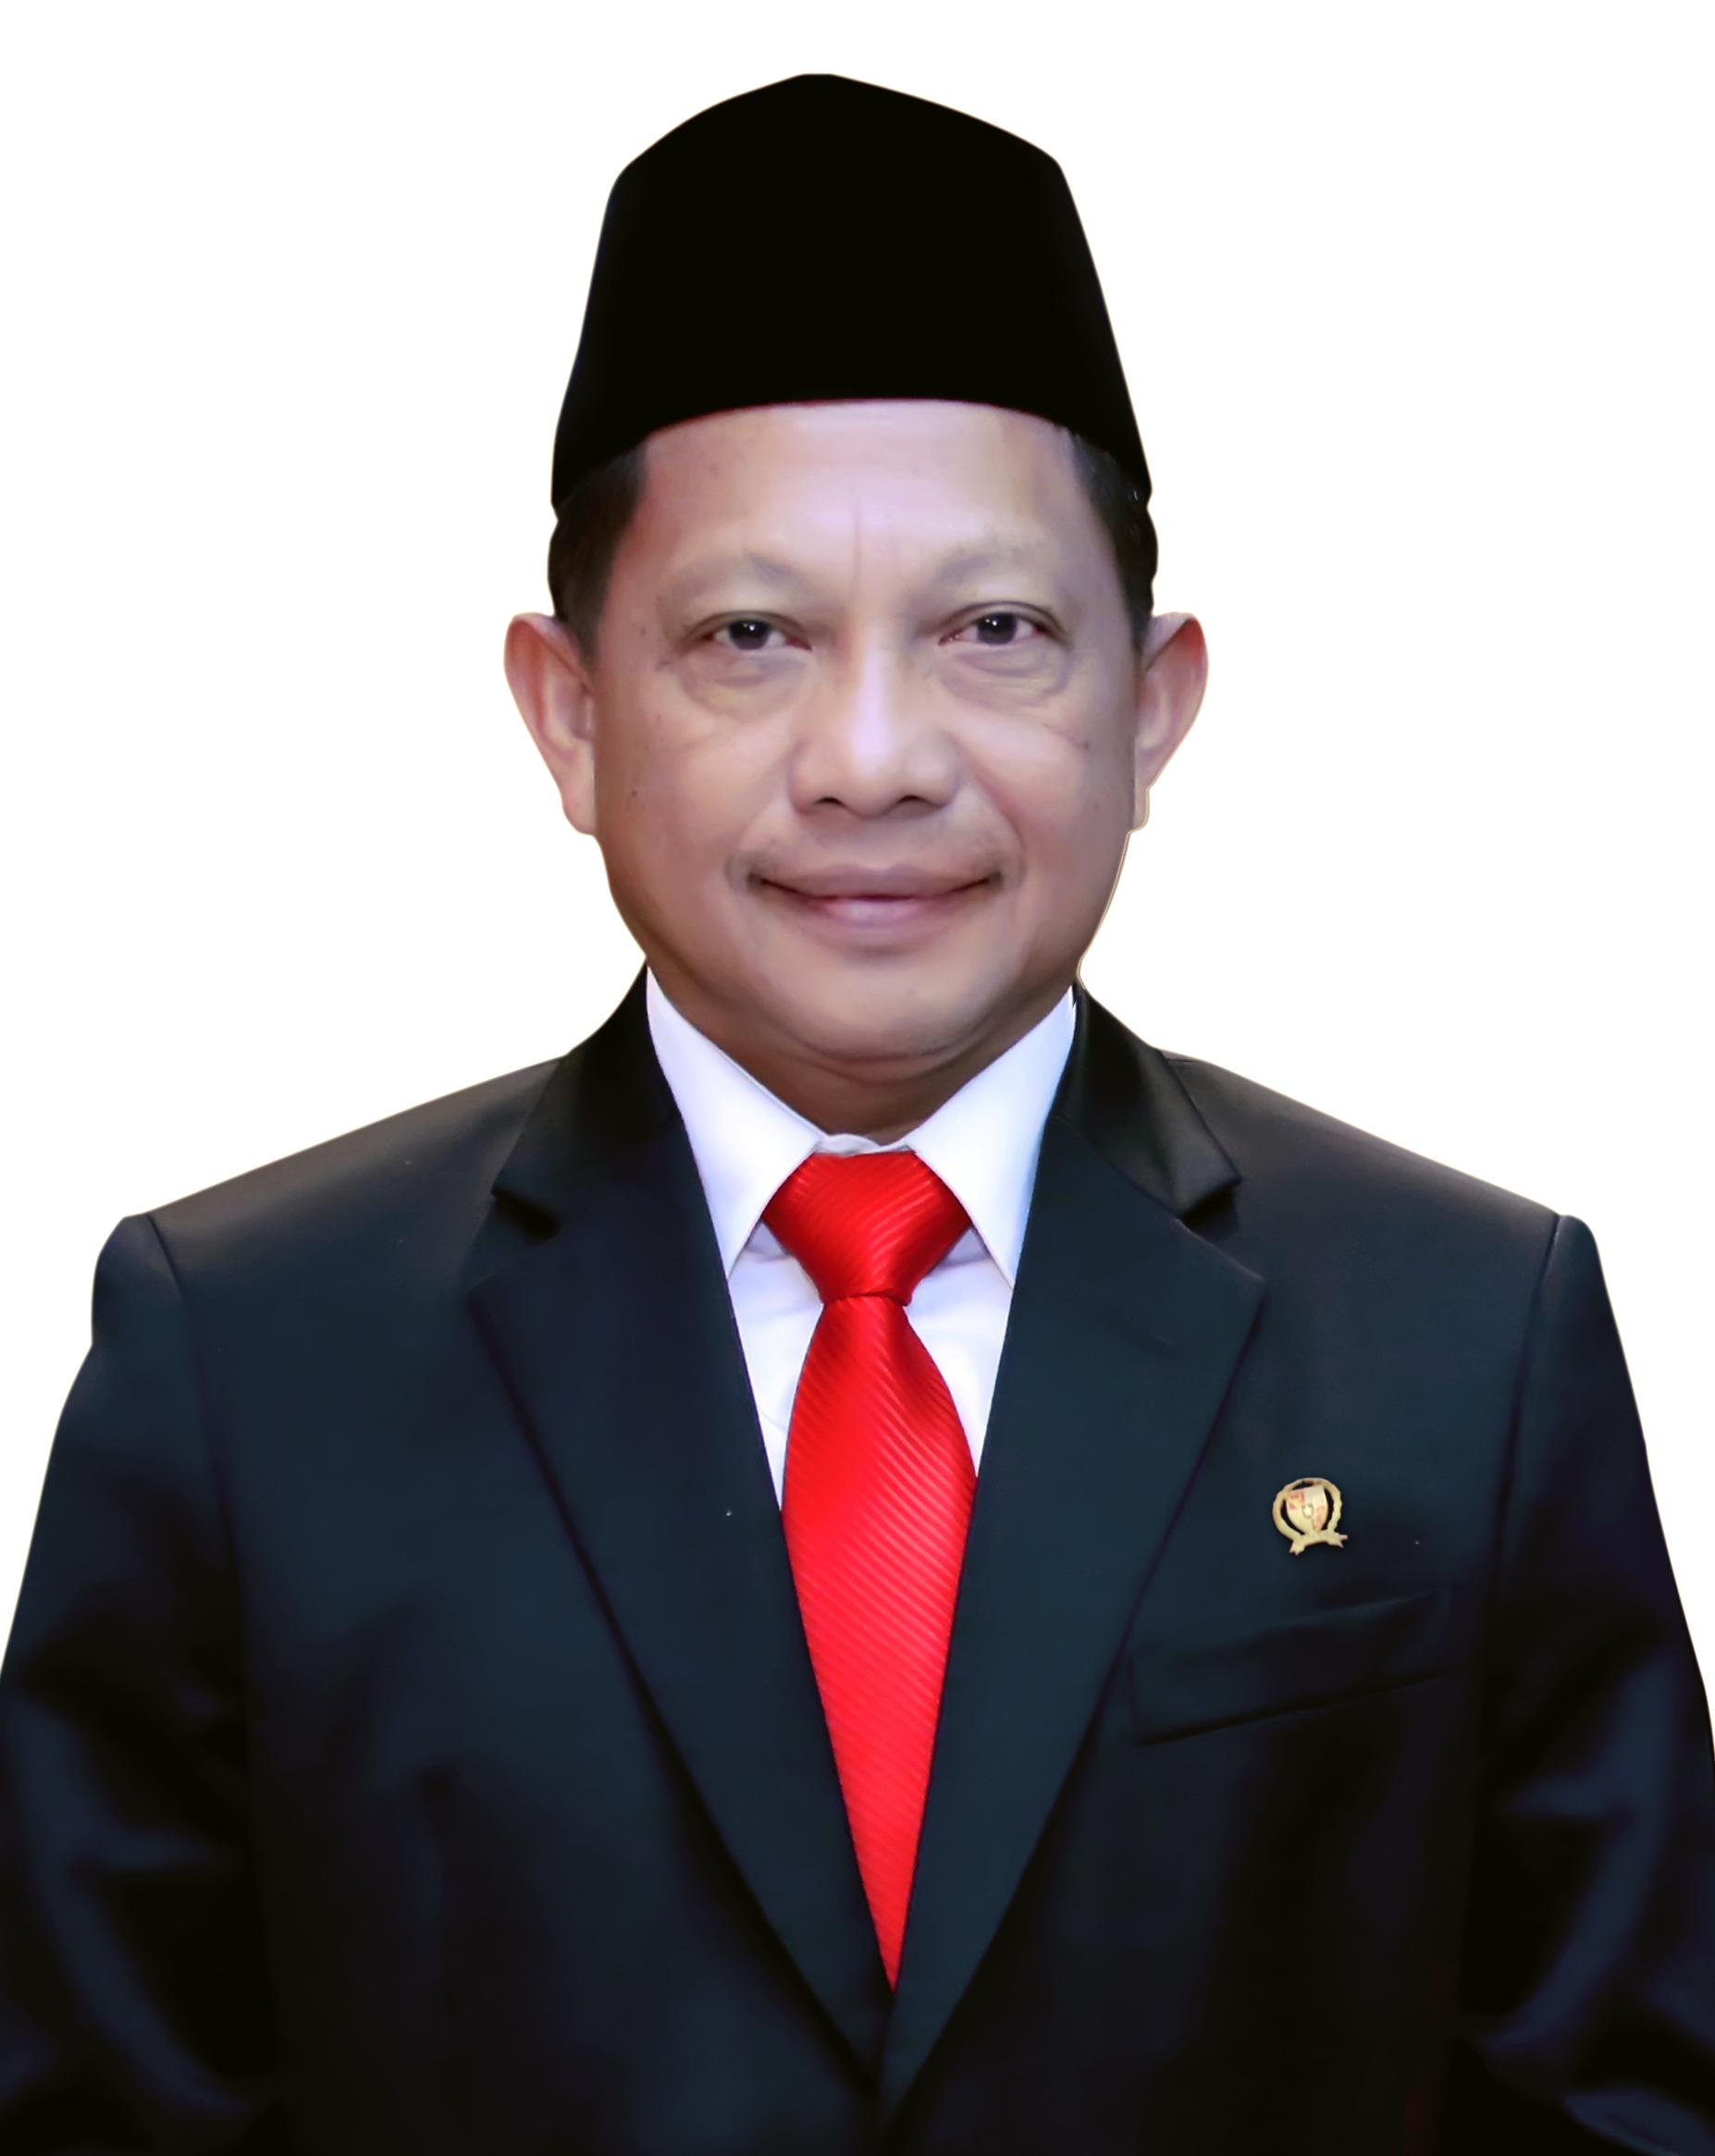 Daftar Menteri Dalam Negeri Indonesia Wikipedia Bahasa Indonesia Ensiklopedia Bebas